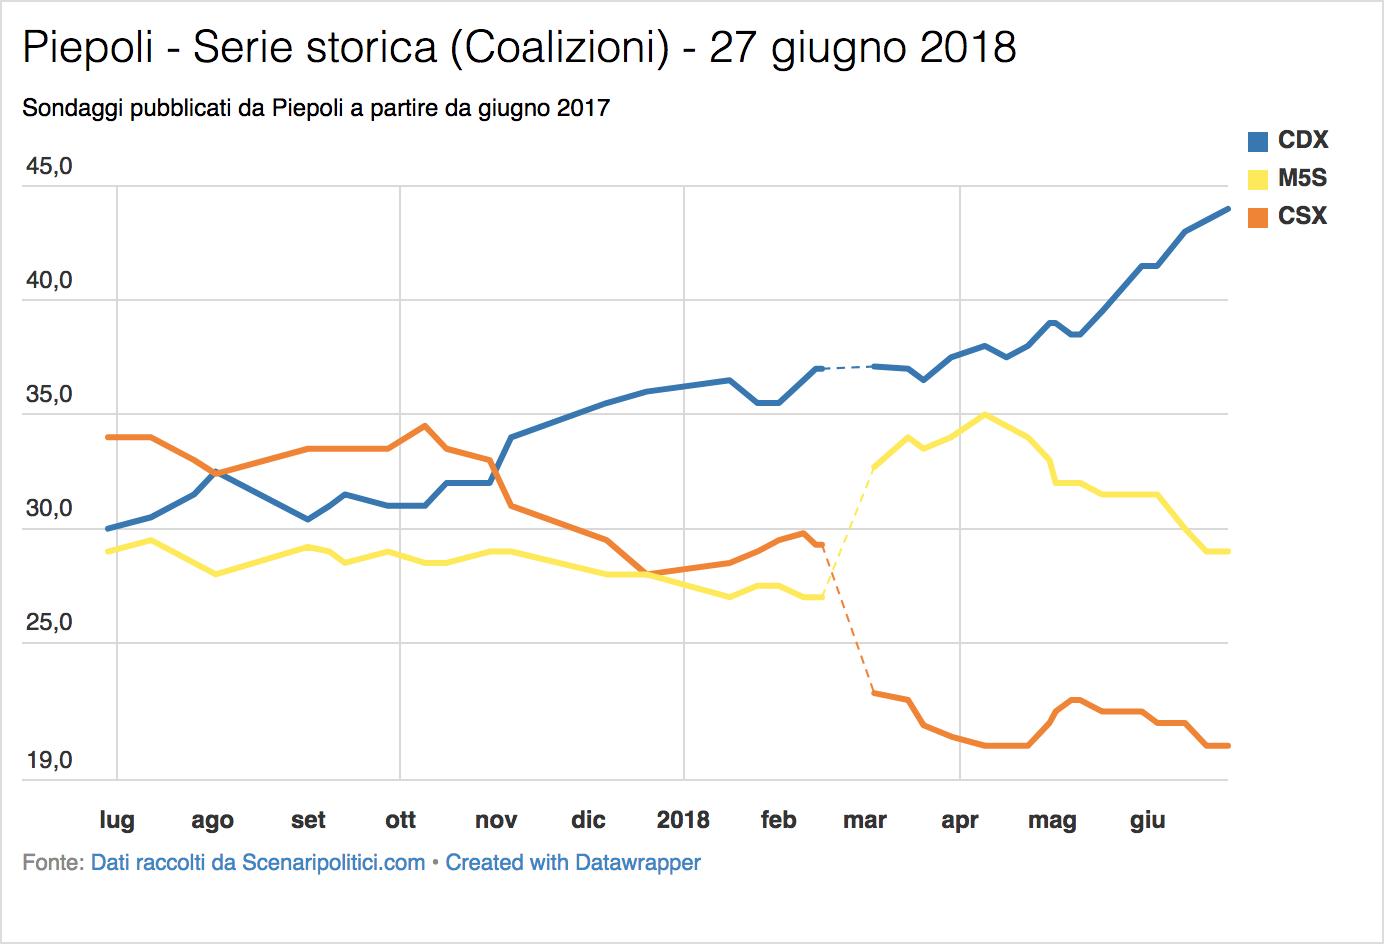 Sondaggio Piepoli (27 giugno 2018)